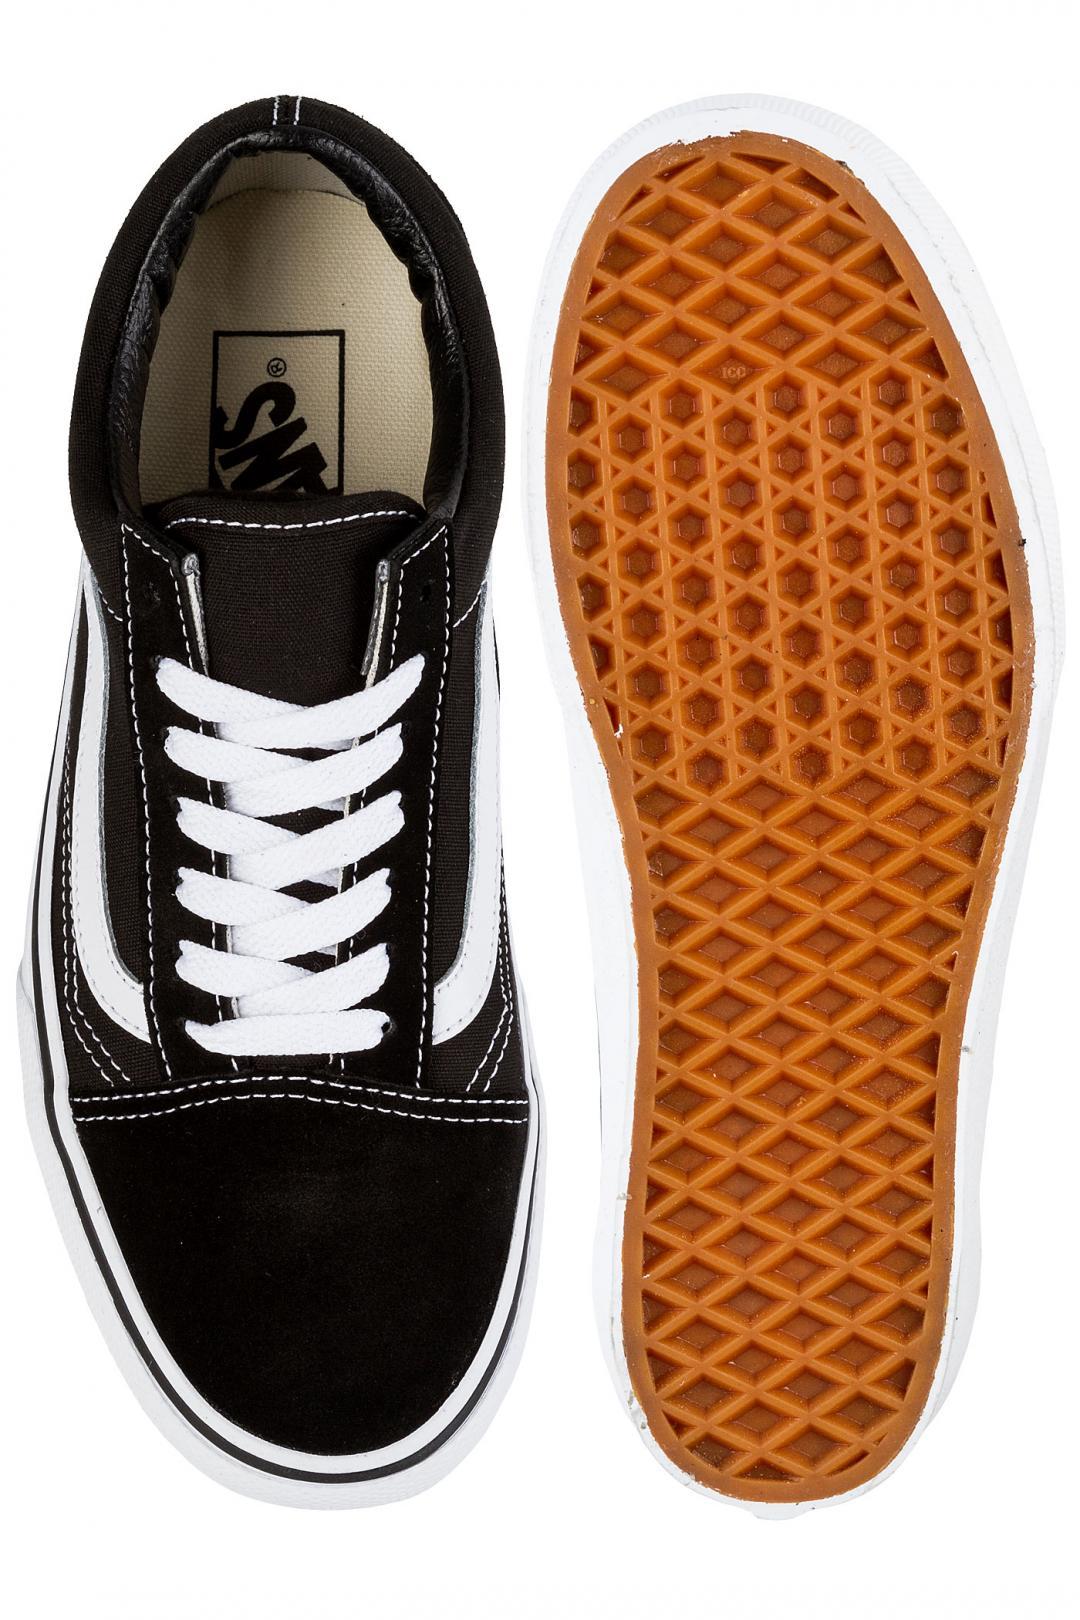 Donna Vans Old Skool Platform black white | Sneakers low top